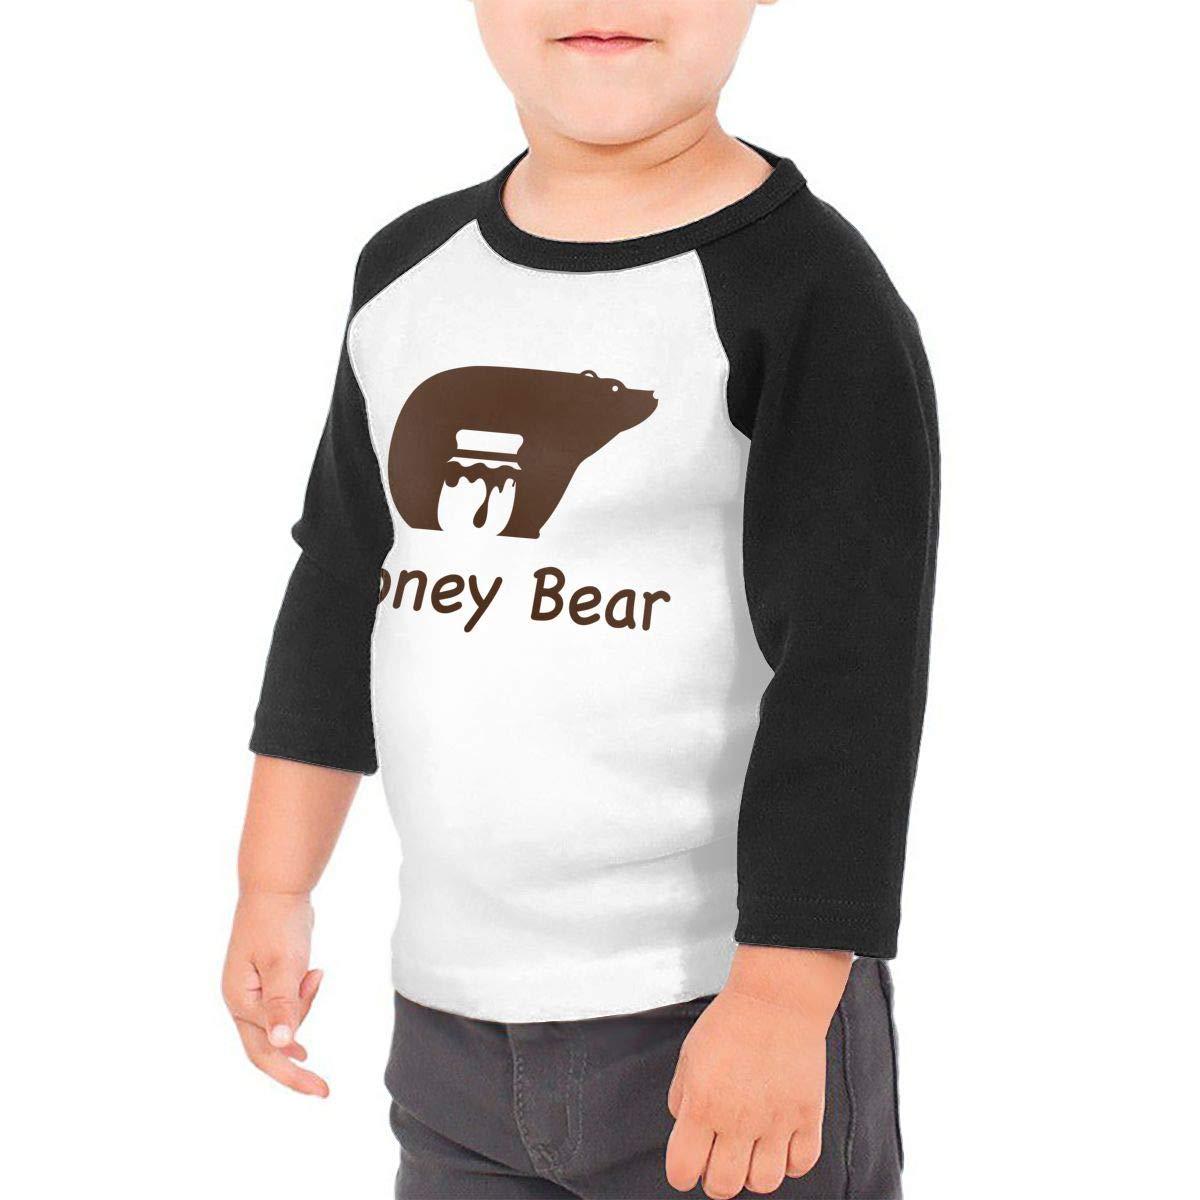 Honey Bear Kids Jersey Raglan T-Shirt Children 3//4 Sleeve Baseball Shirt Top